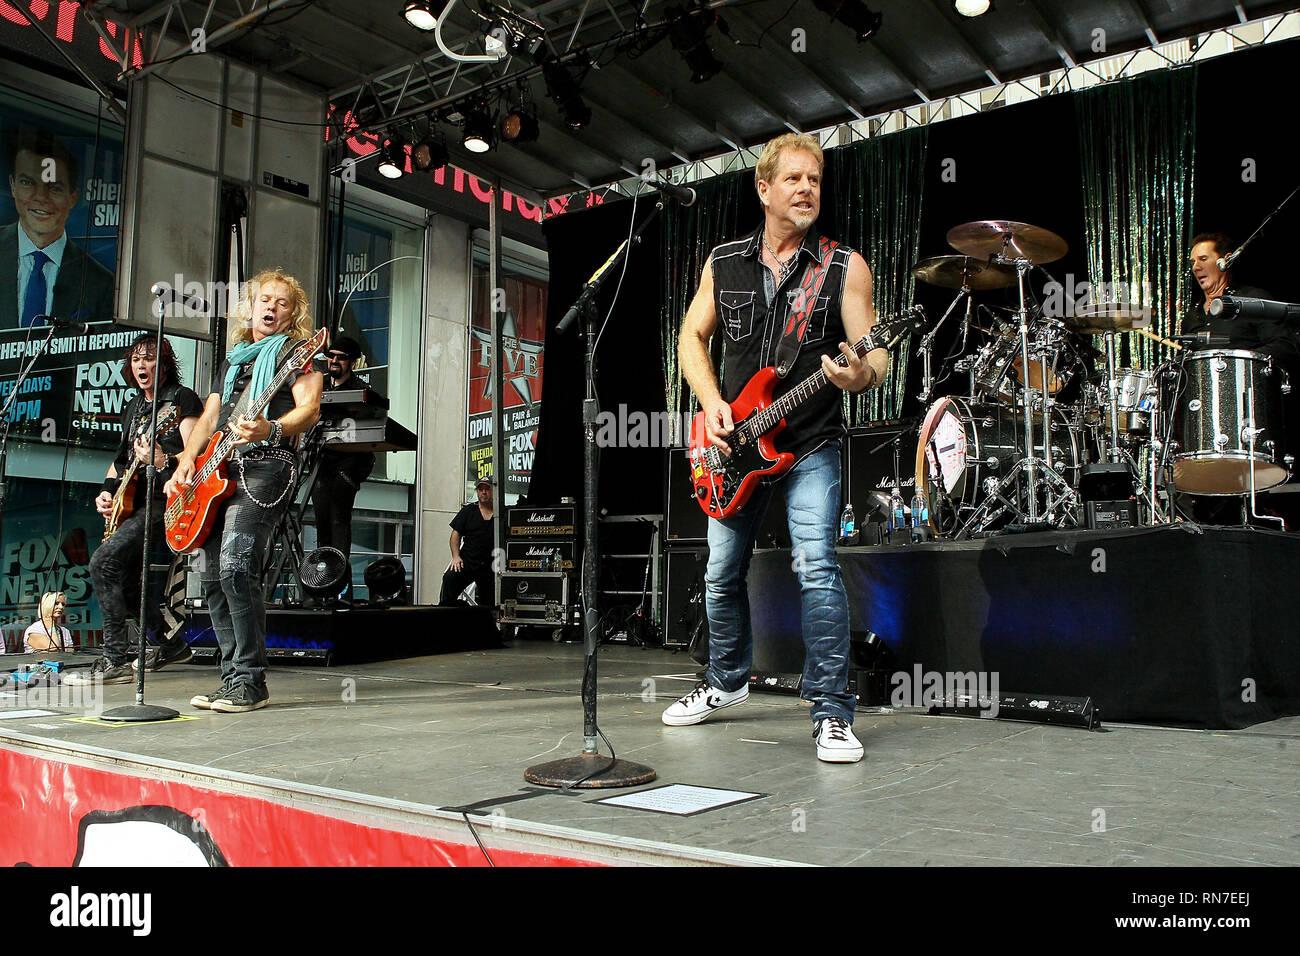 """New York, USA. 21 Aug, 2015. Der rock Gruppe Night Ranger live auf der Bühne am Freitag, 21.August 2015 """"FOX & Friends"""" Alle amerikanischen Konzertreihen an außerhalb der Fox Studios in New York, USA. Quelle: Steve Mack/S.D. Mack Bilder/Alamy Stockbild"""